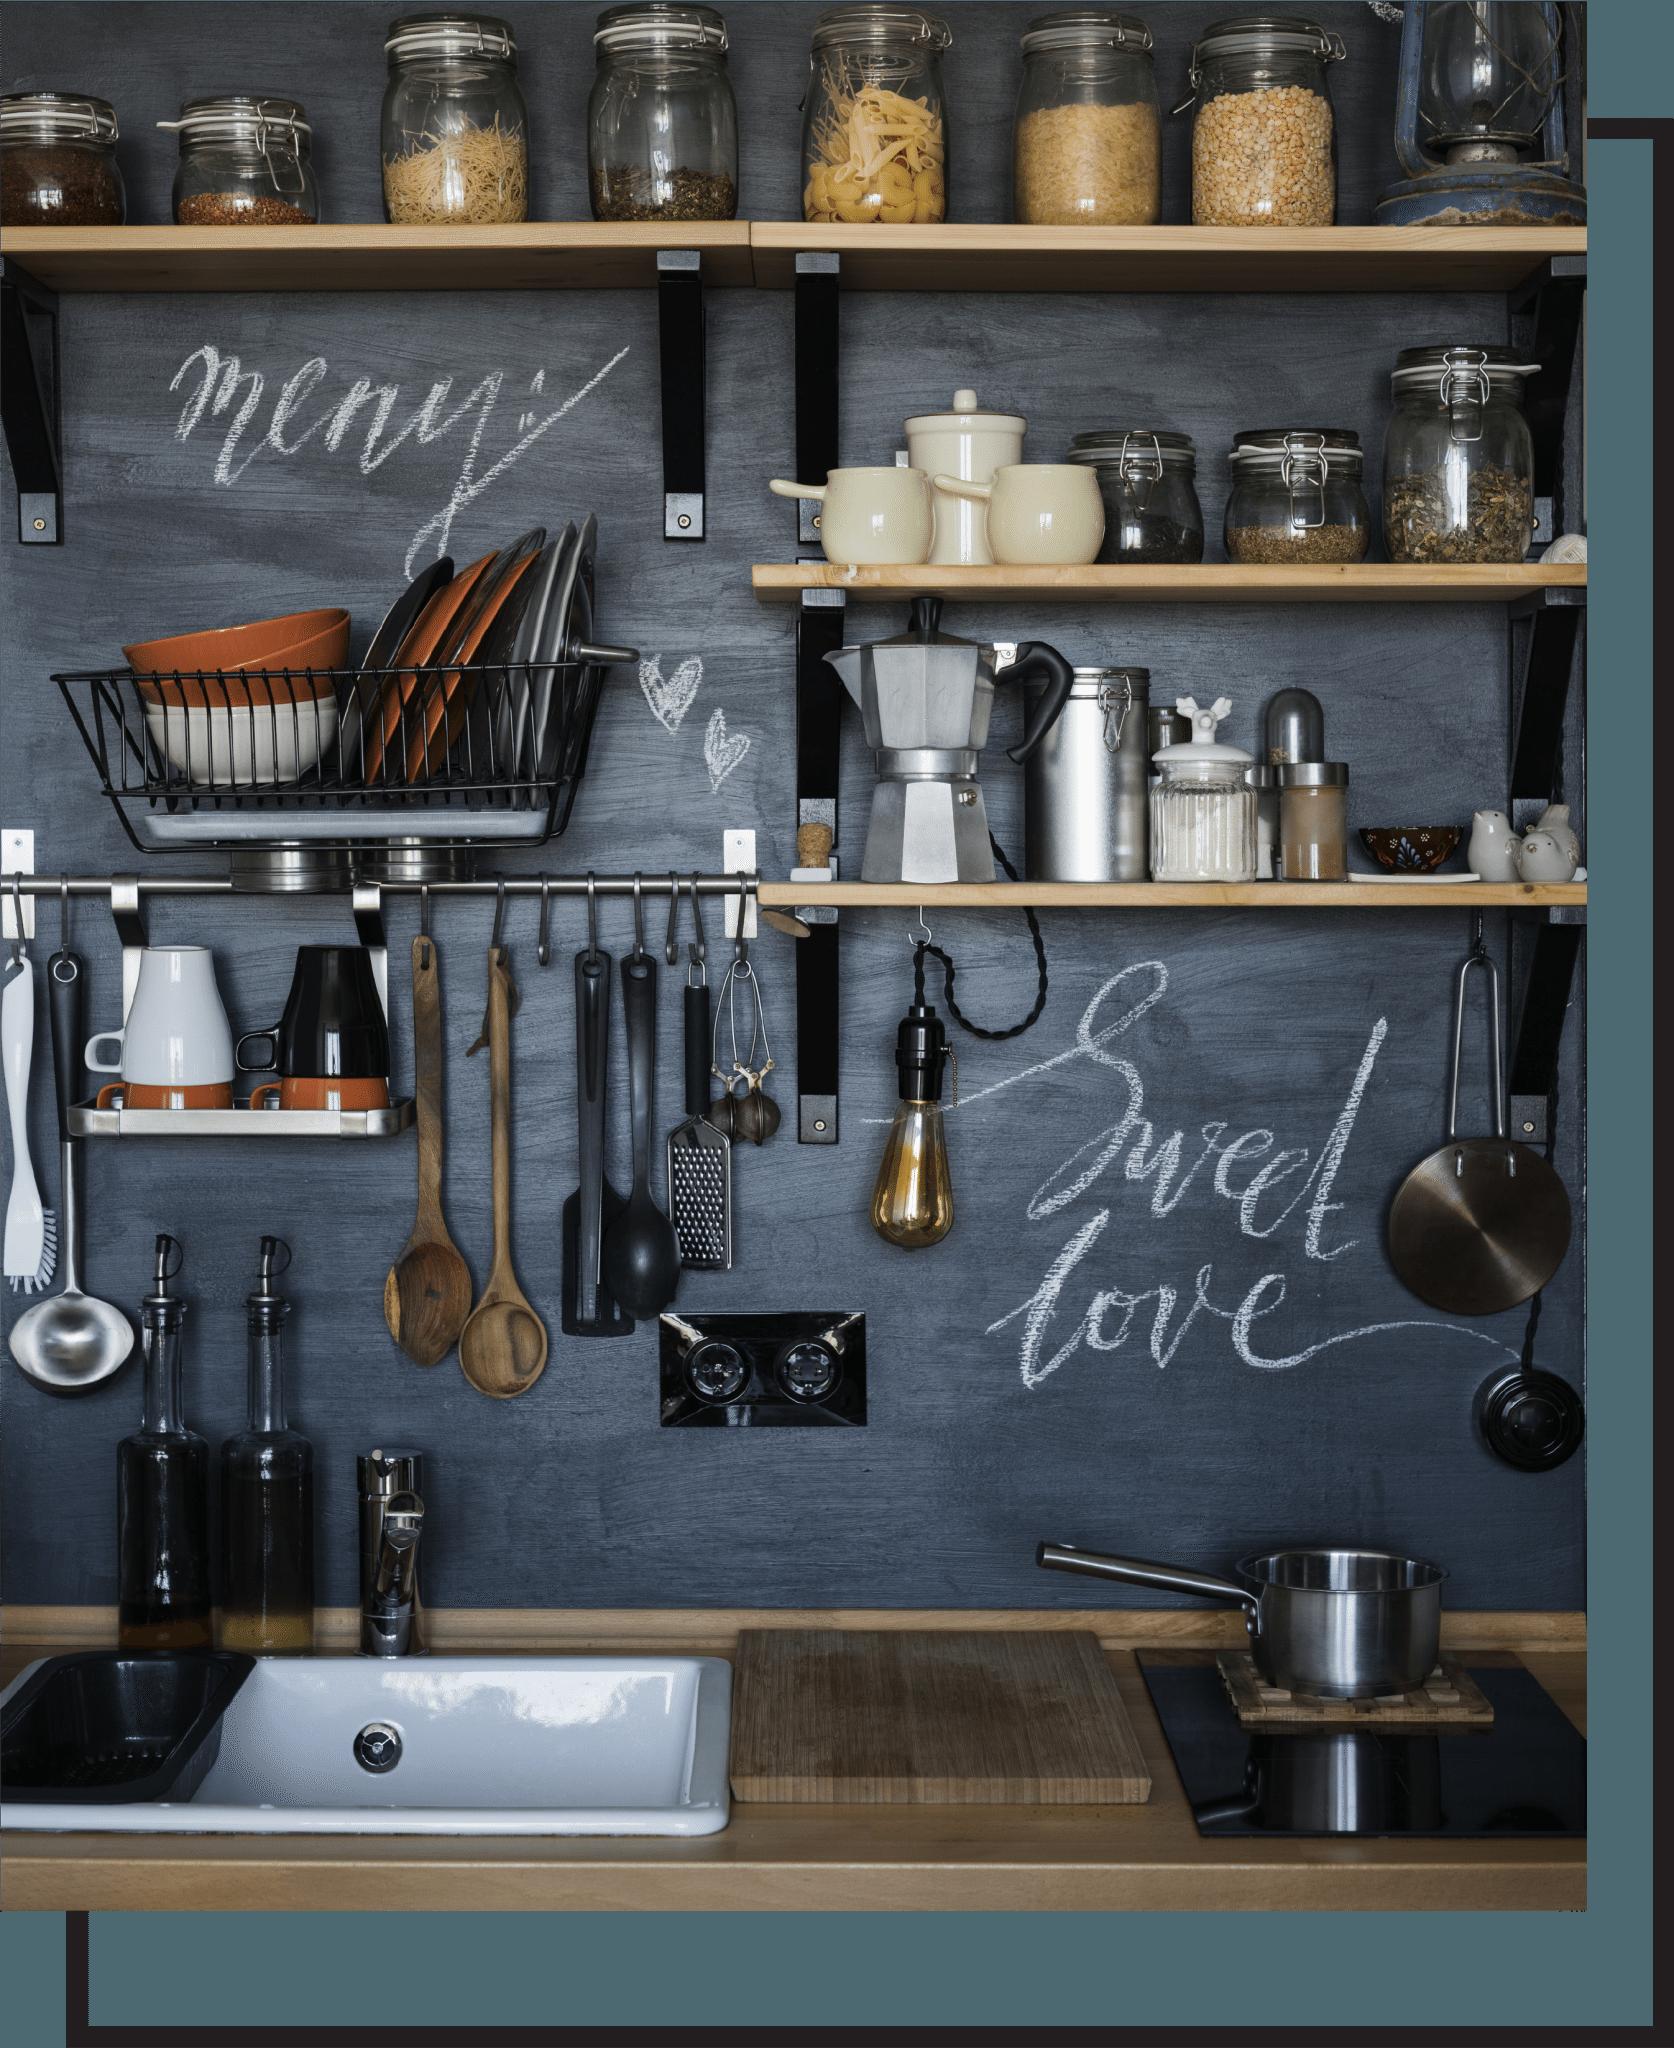 kitchen renovation-home improvement